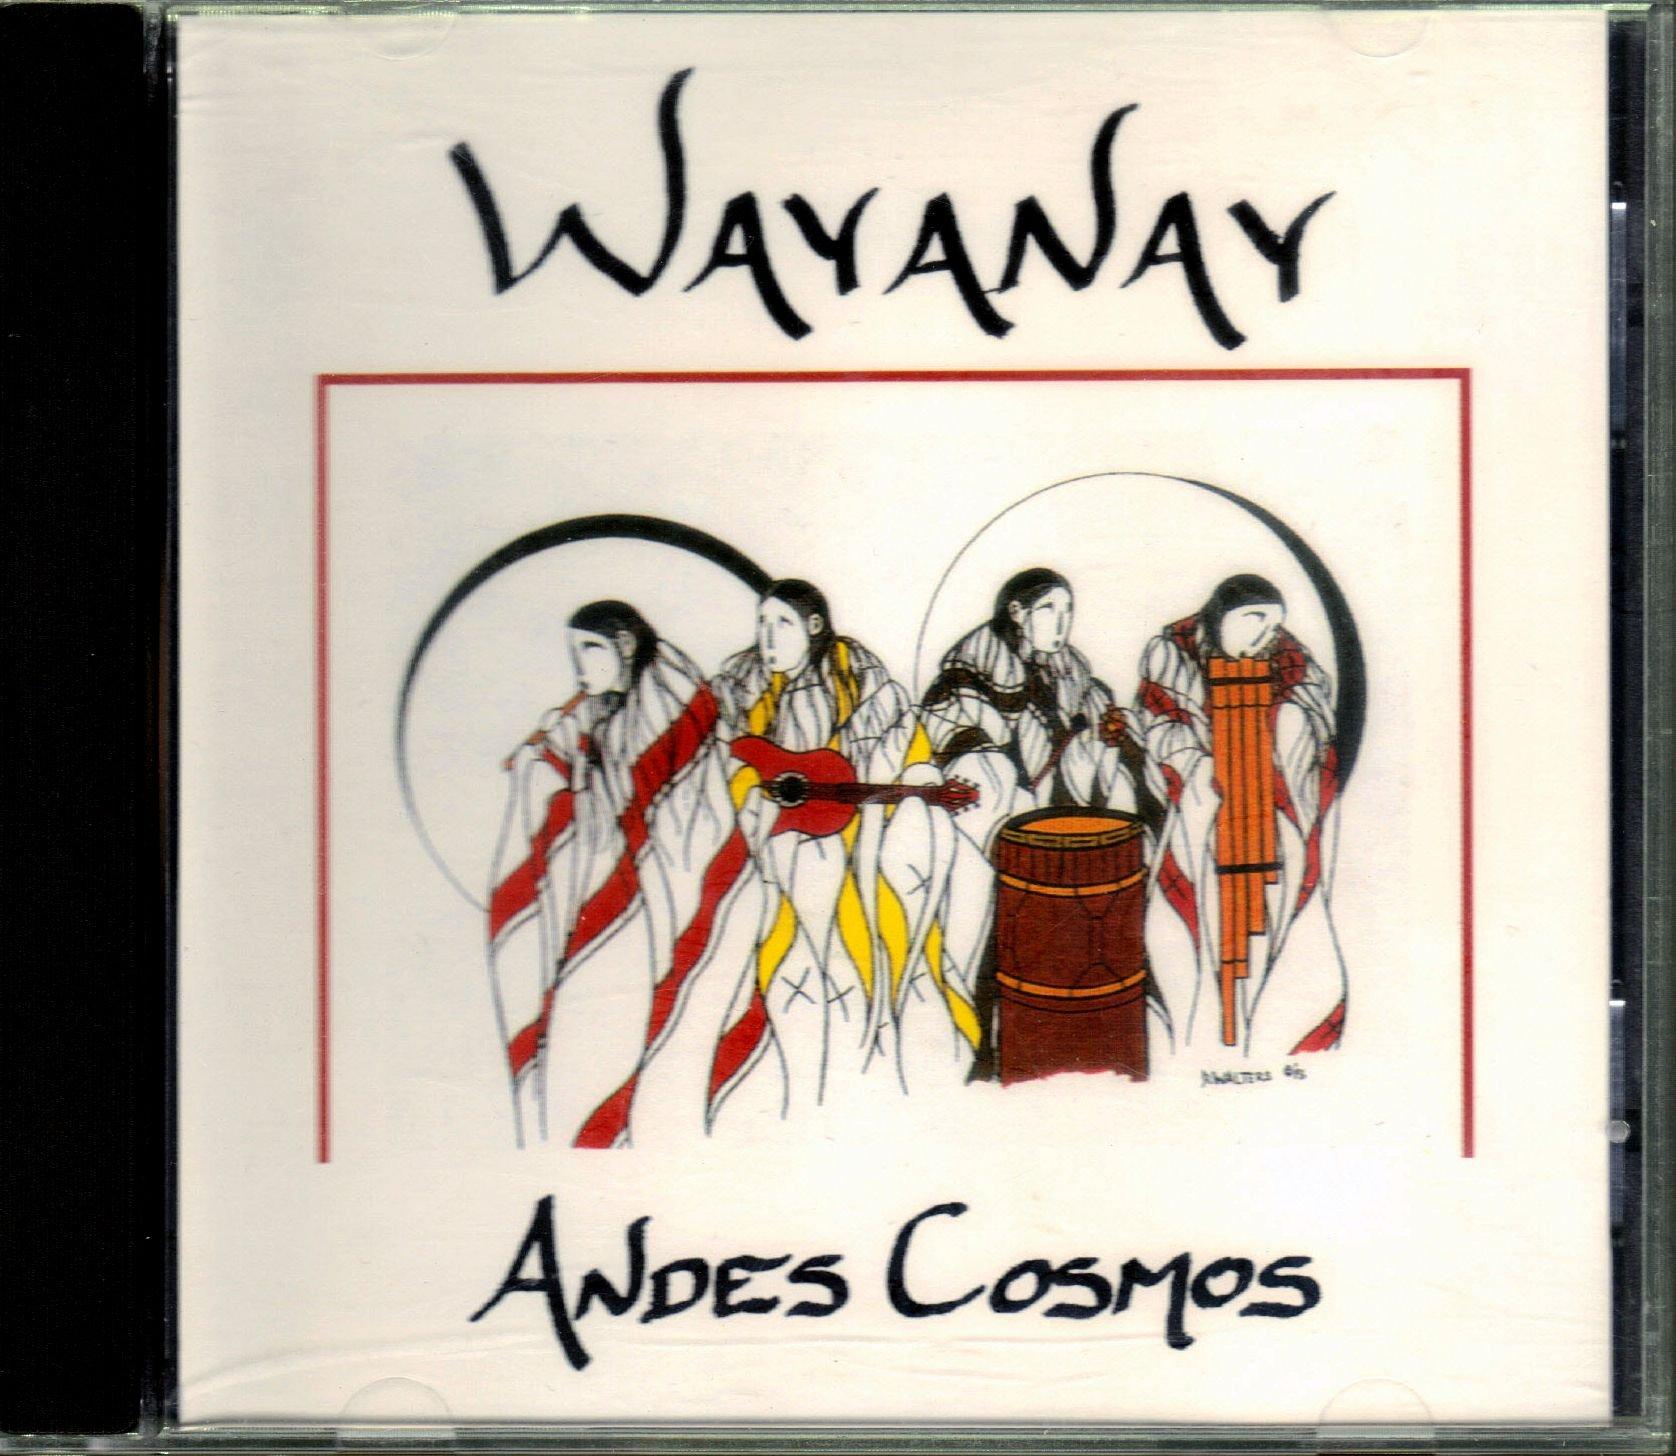 Andes Cosmos